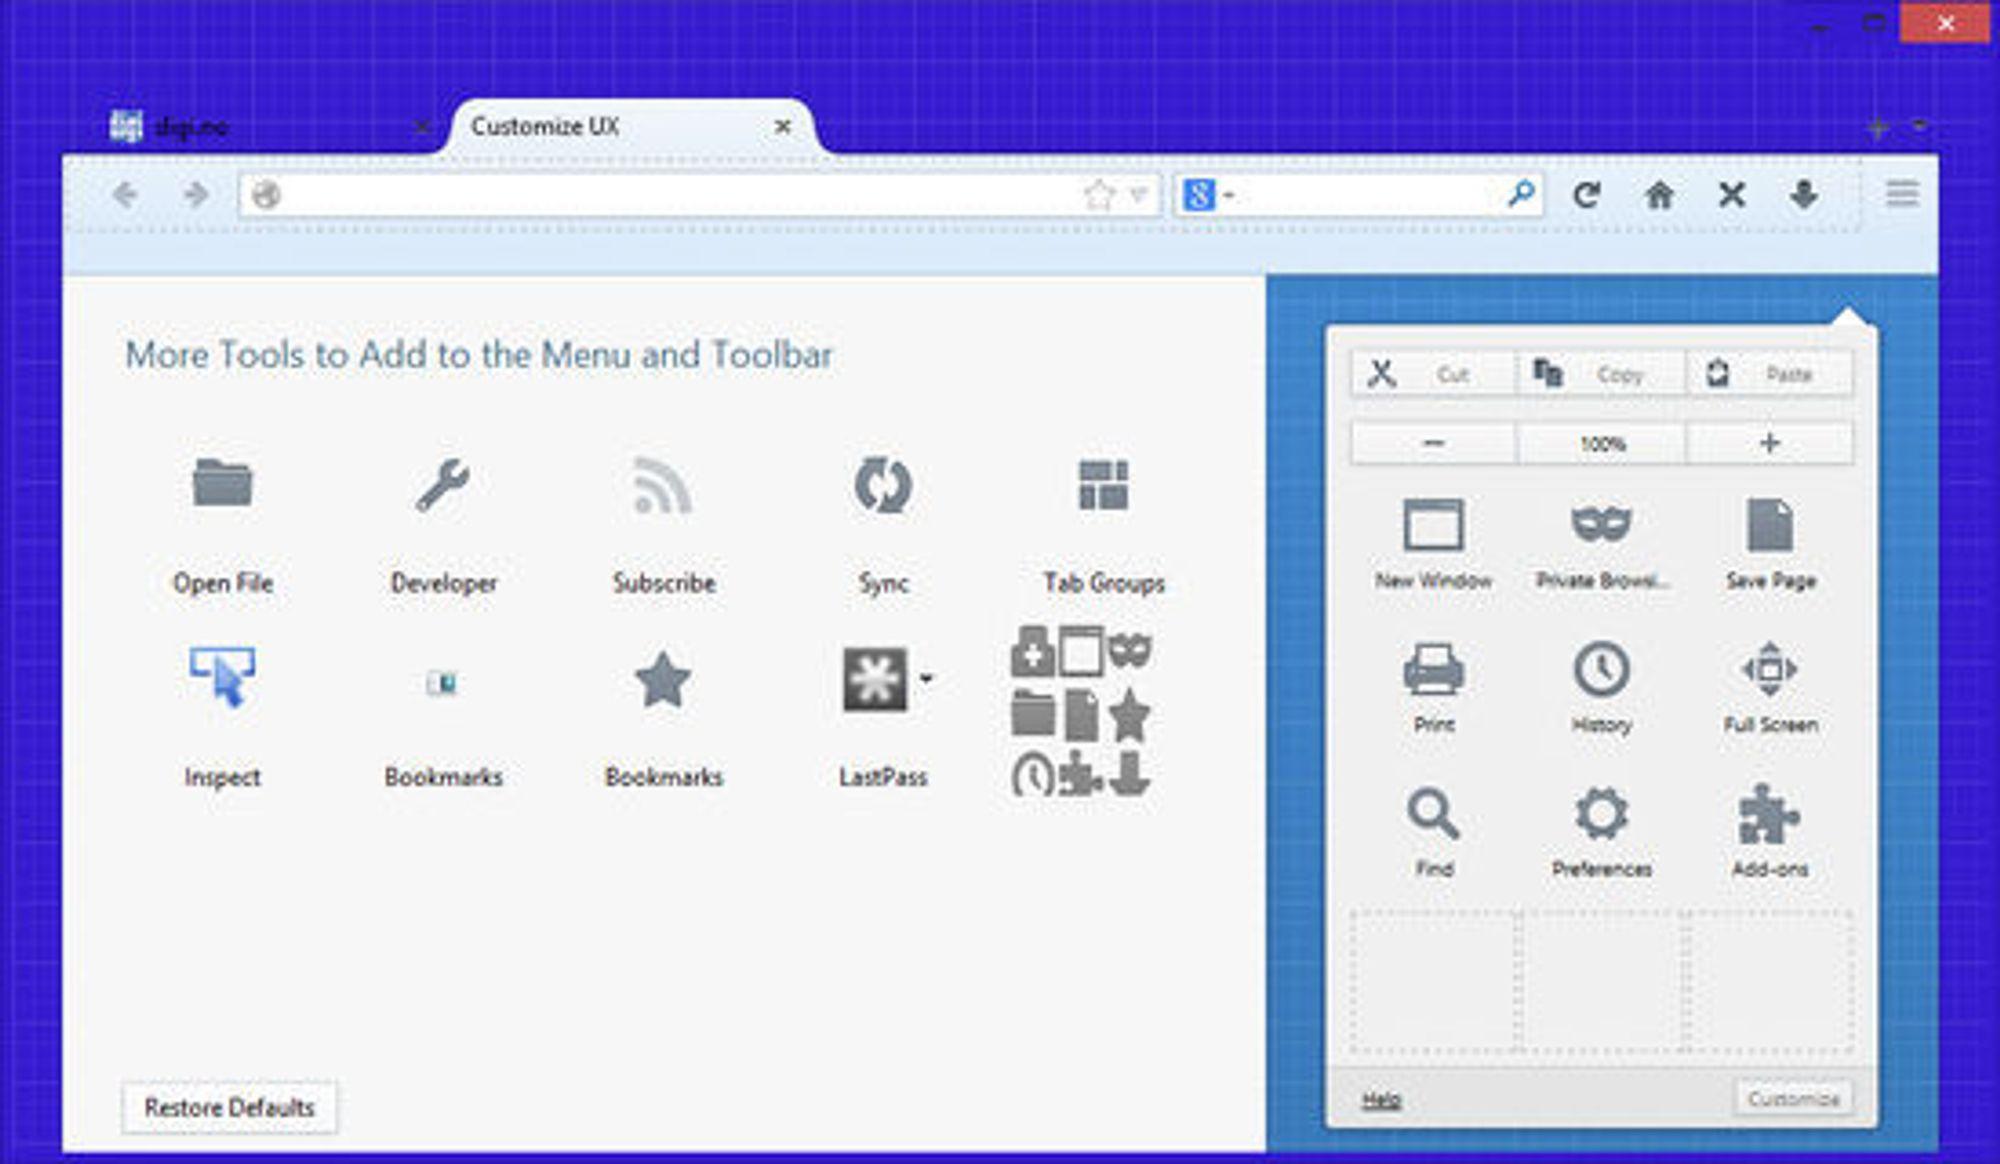 Testversjonen av det som etter hvert skal bli Firefox 25, har et omfattende brukergrensesnitt for tilpasning av nettopp brukergrensesnittet til nettleseren.